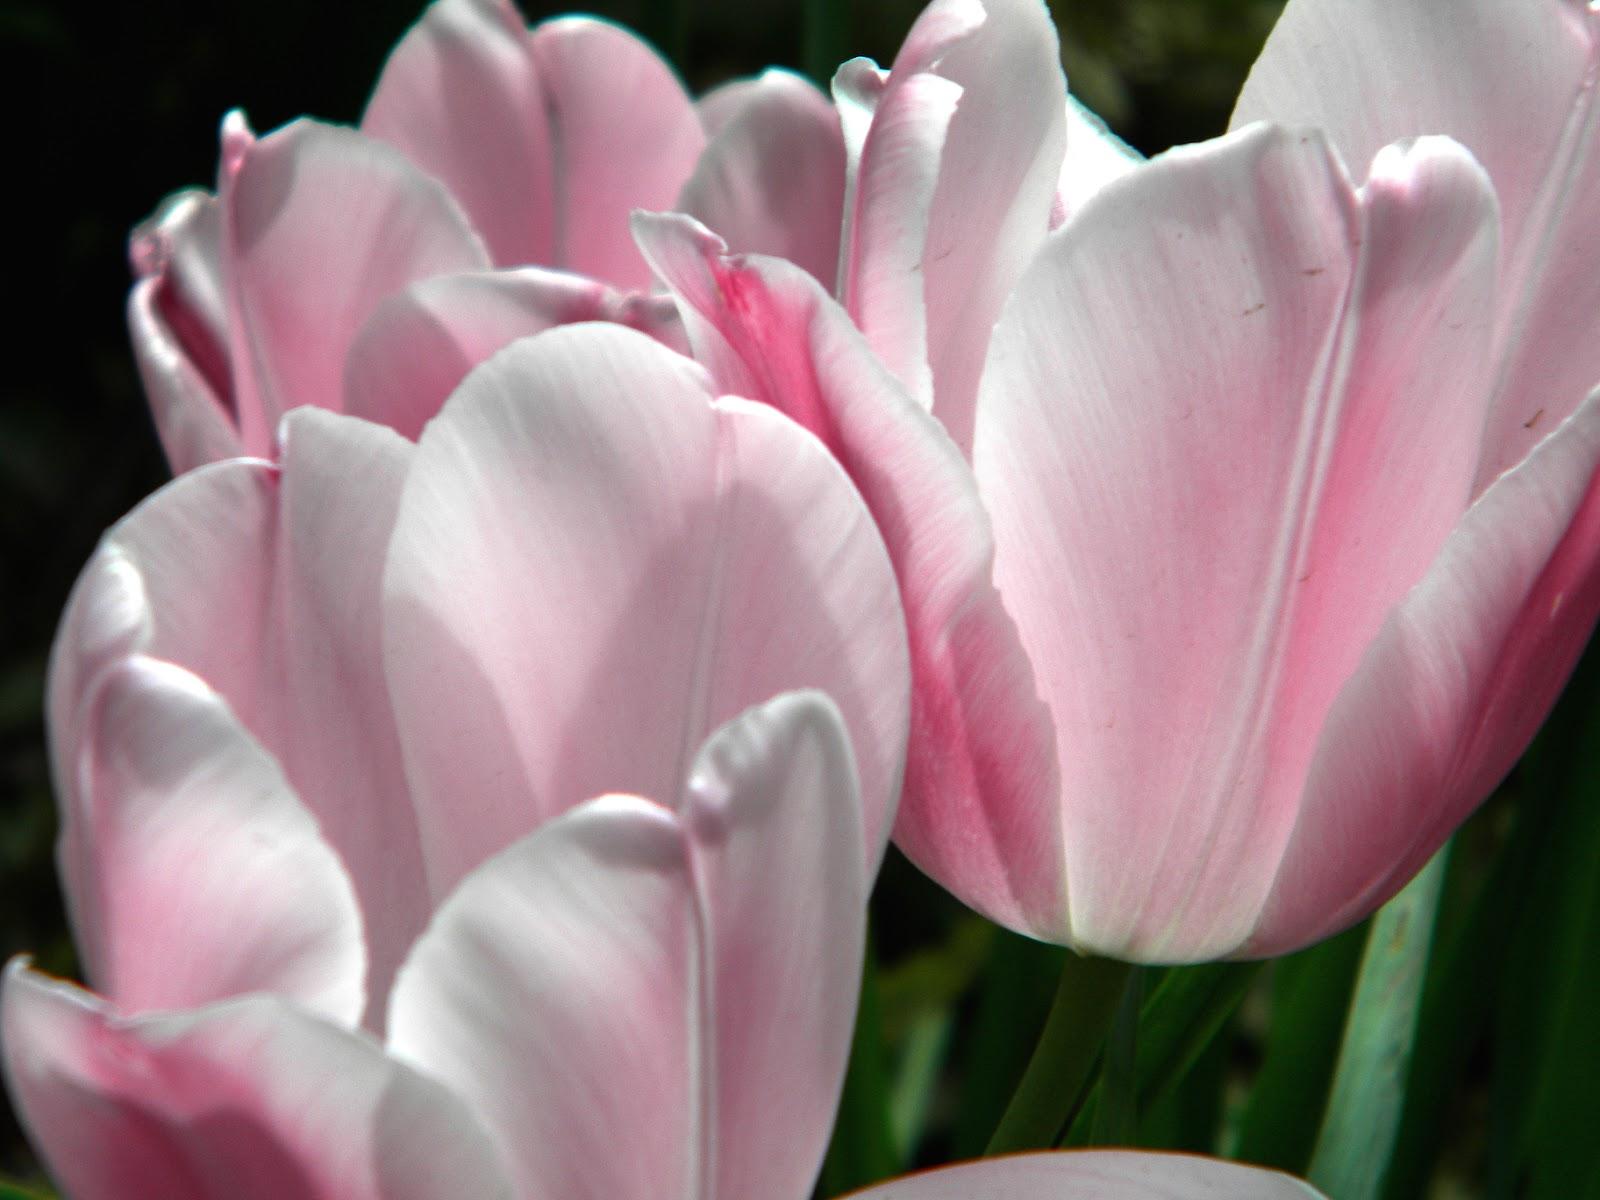 Pink tulips in Hayden Planetarium Park